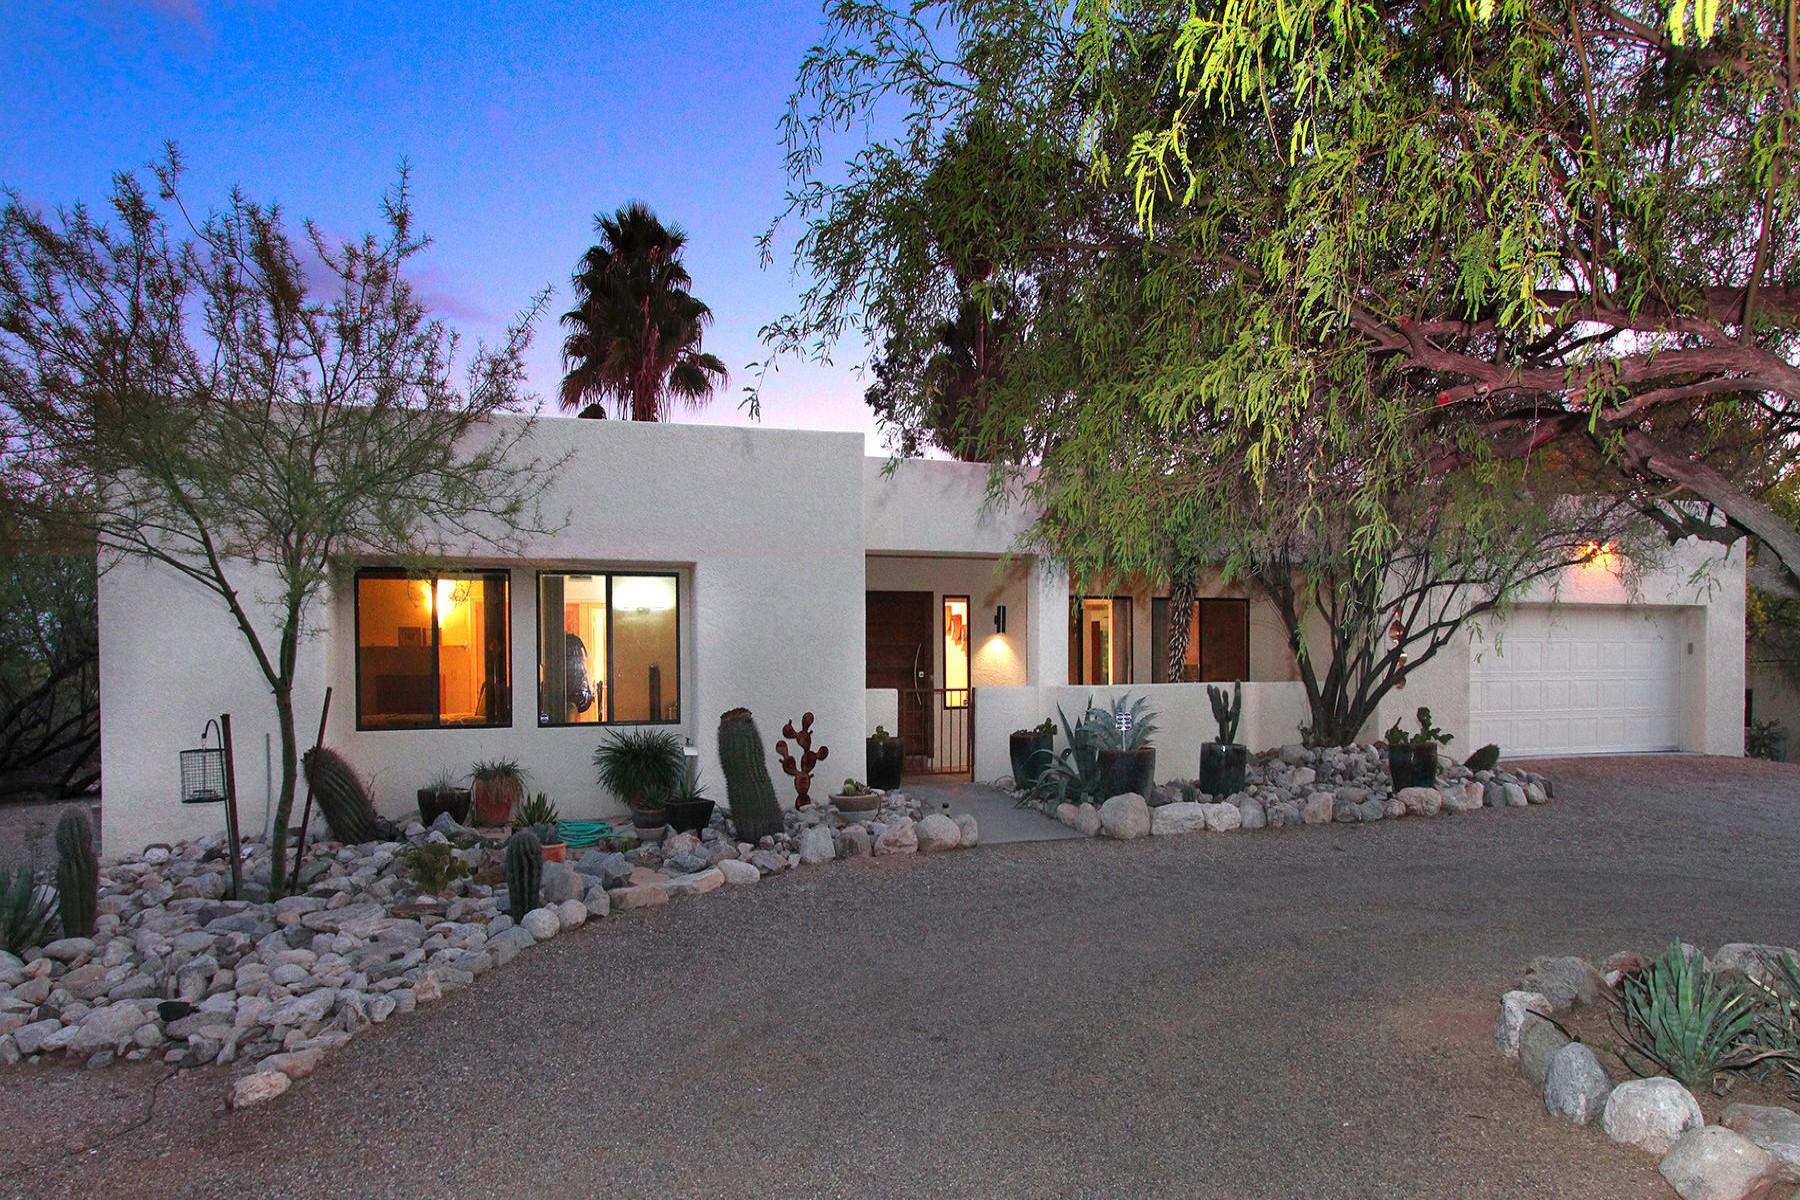 Частный односемейный дом для того Продажа на Modern showpiece 4850 N Valley View Road Tucson, Аризона, 85718 Соединенные Штаты